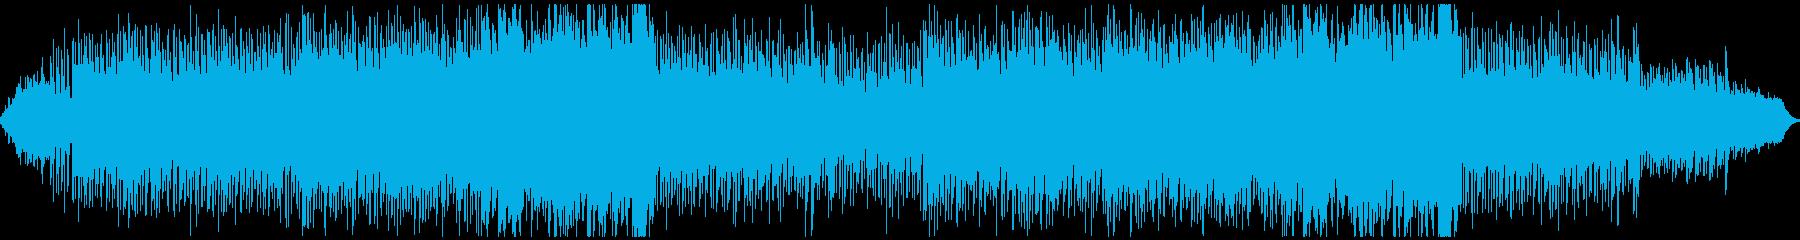 波の音が常に流れているアンビエントの再生済みの波形